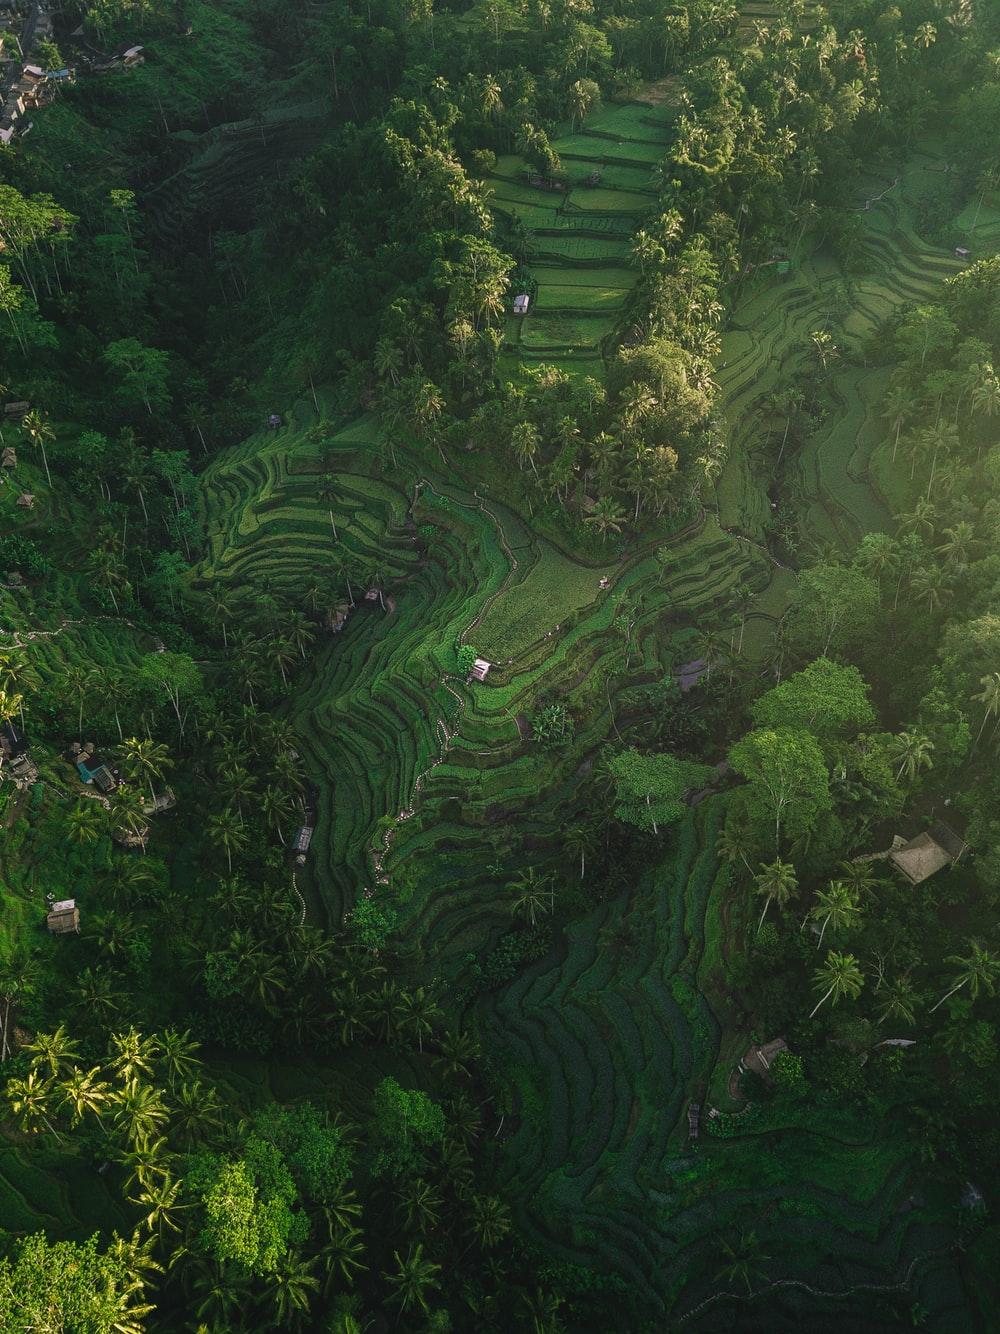 Vegetation Pictures Download Images on Unsplash 1000x1334